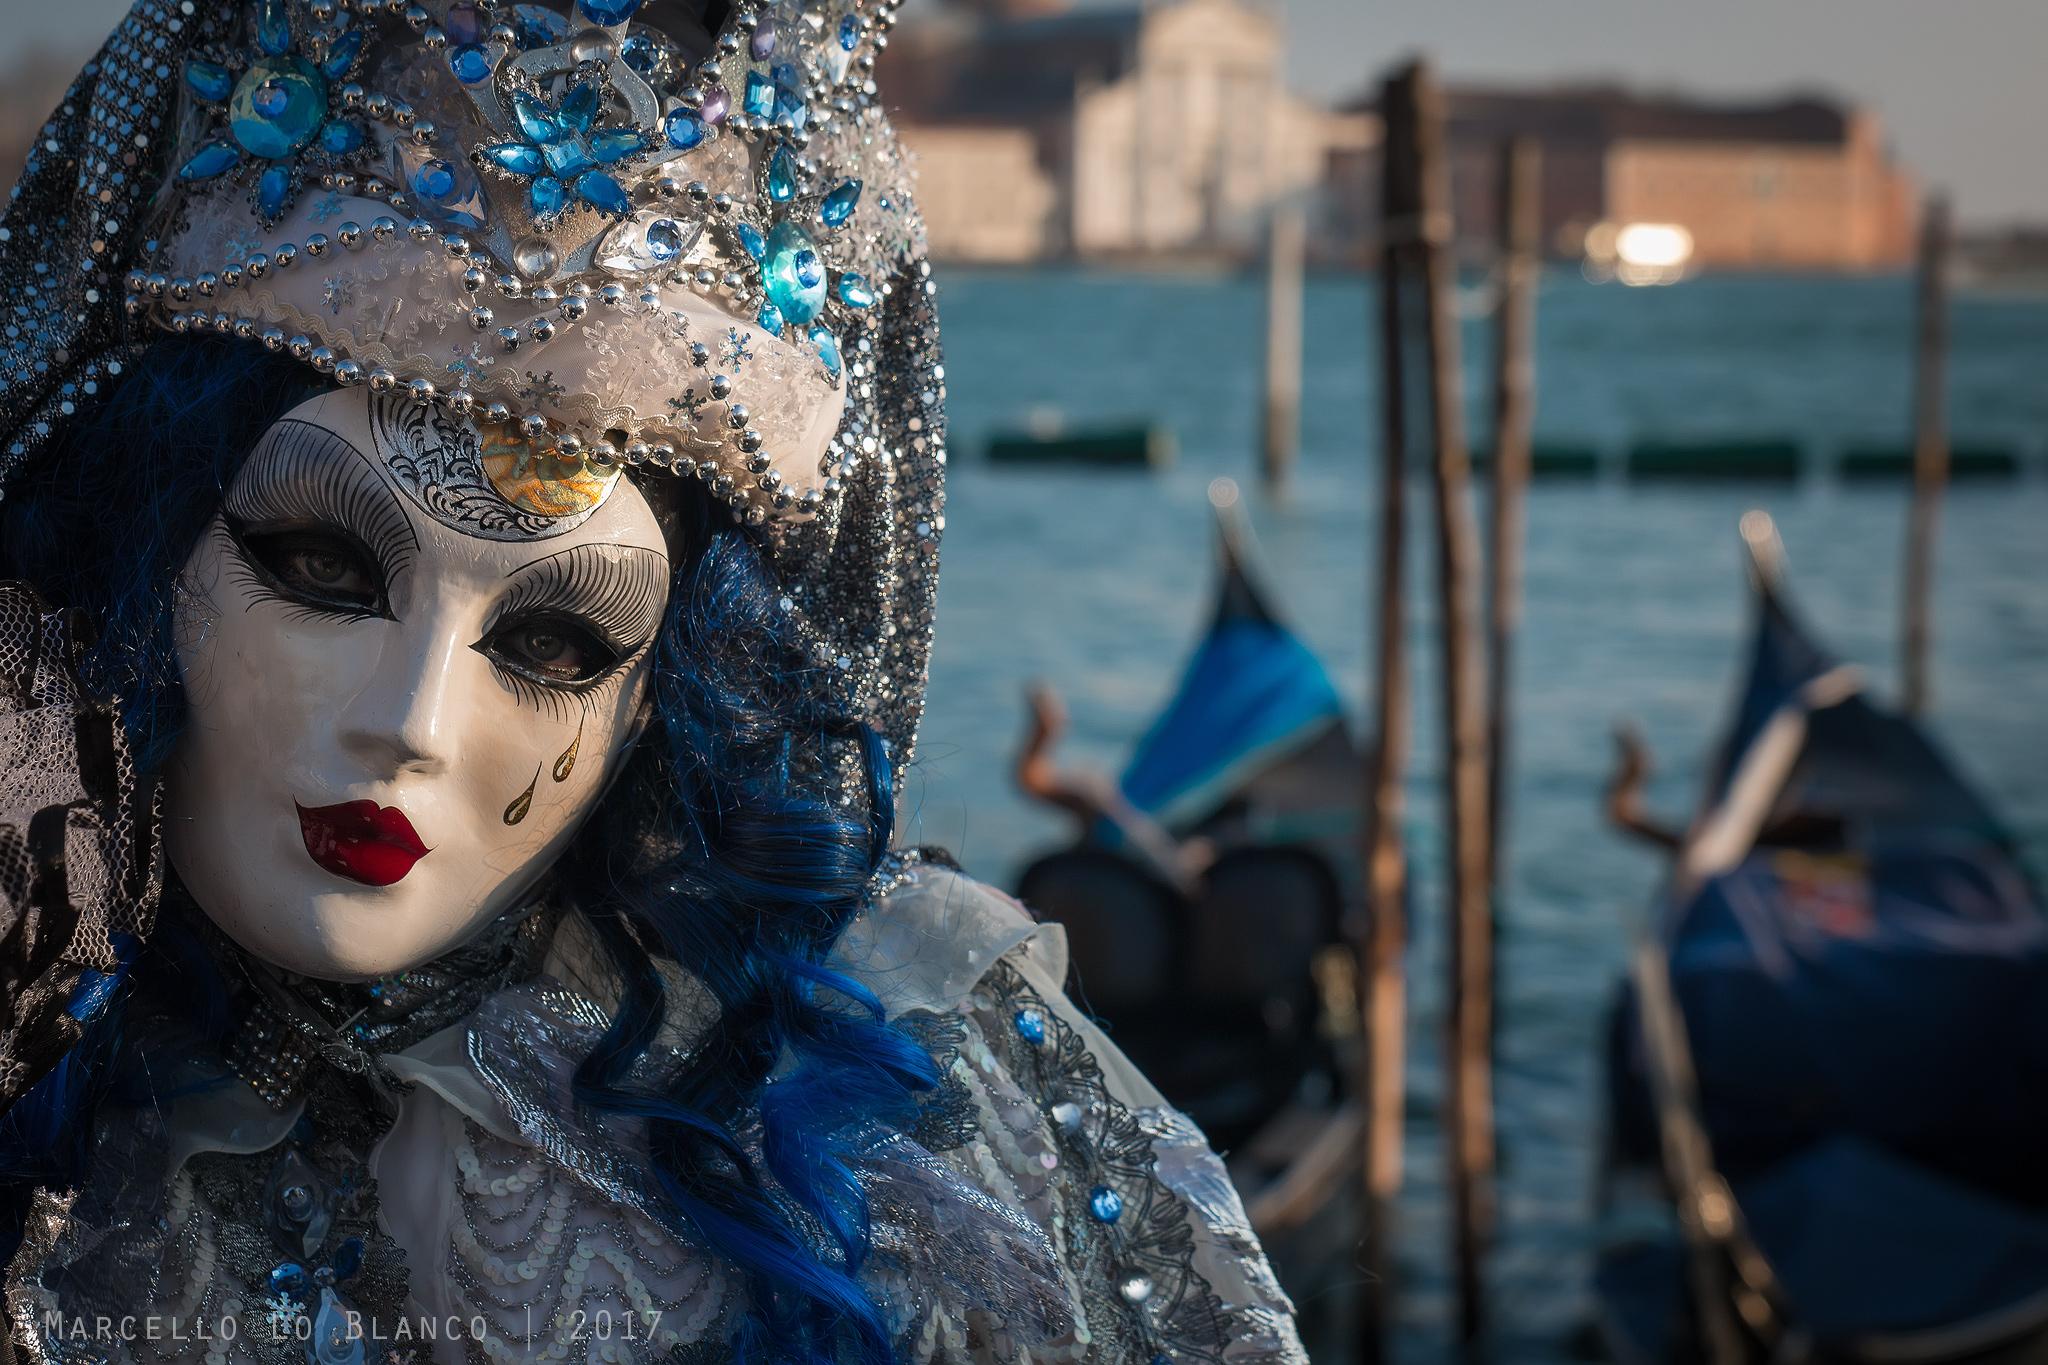 венецианская маска фотосессия отборочный тур